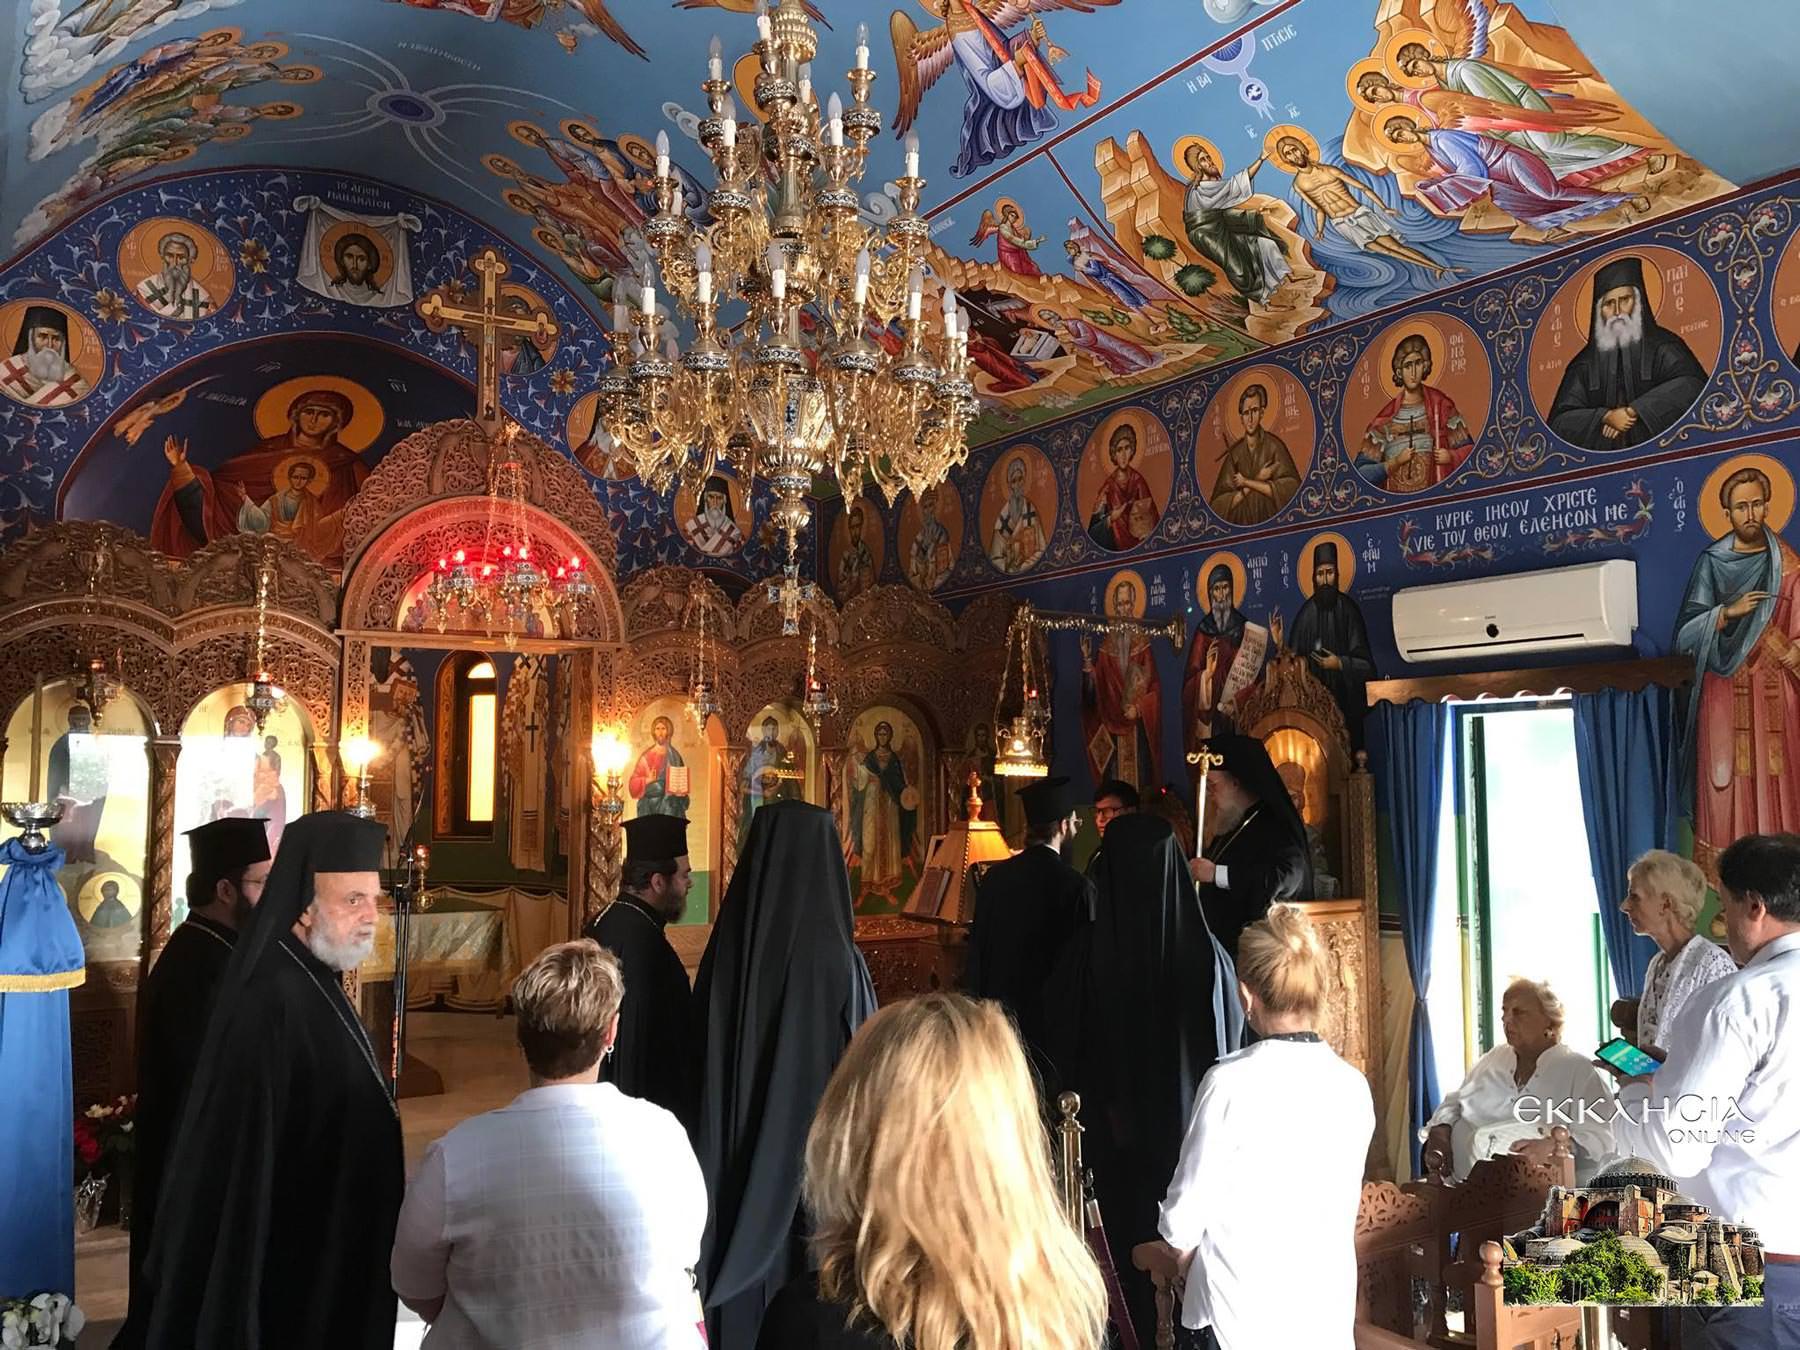 Μοναστήρι Αγίου Ραφαήλ Νικολάου Ειρήνης Άνω Σούλι 2020